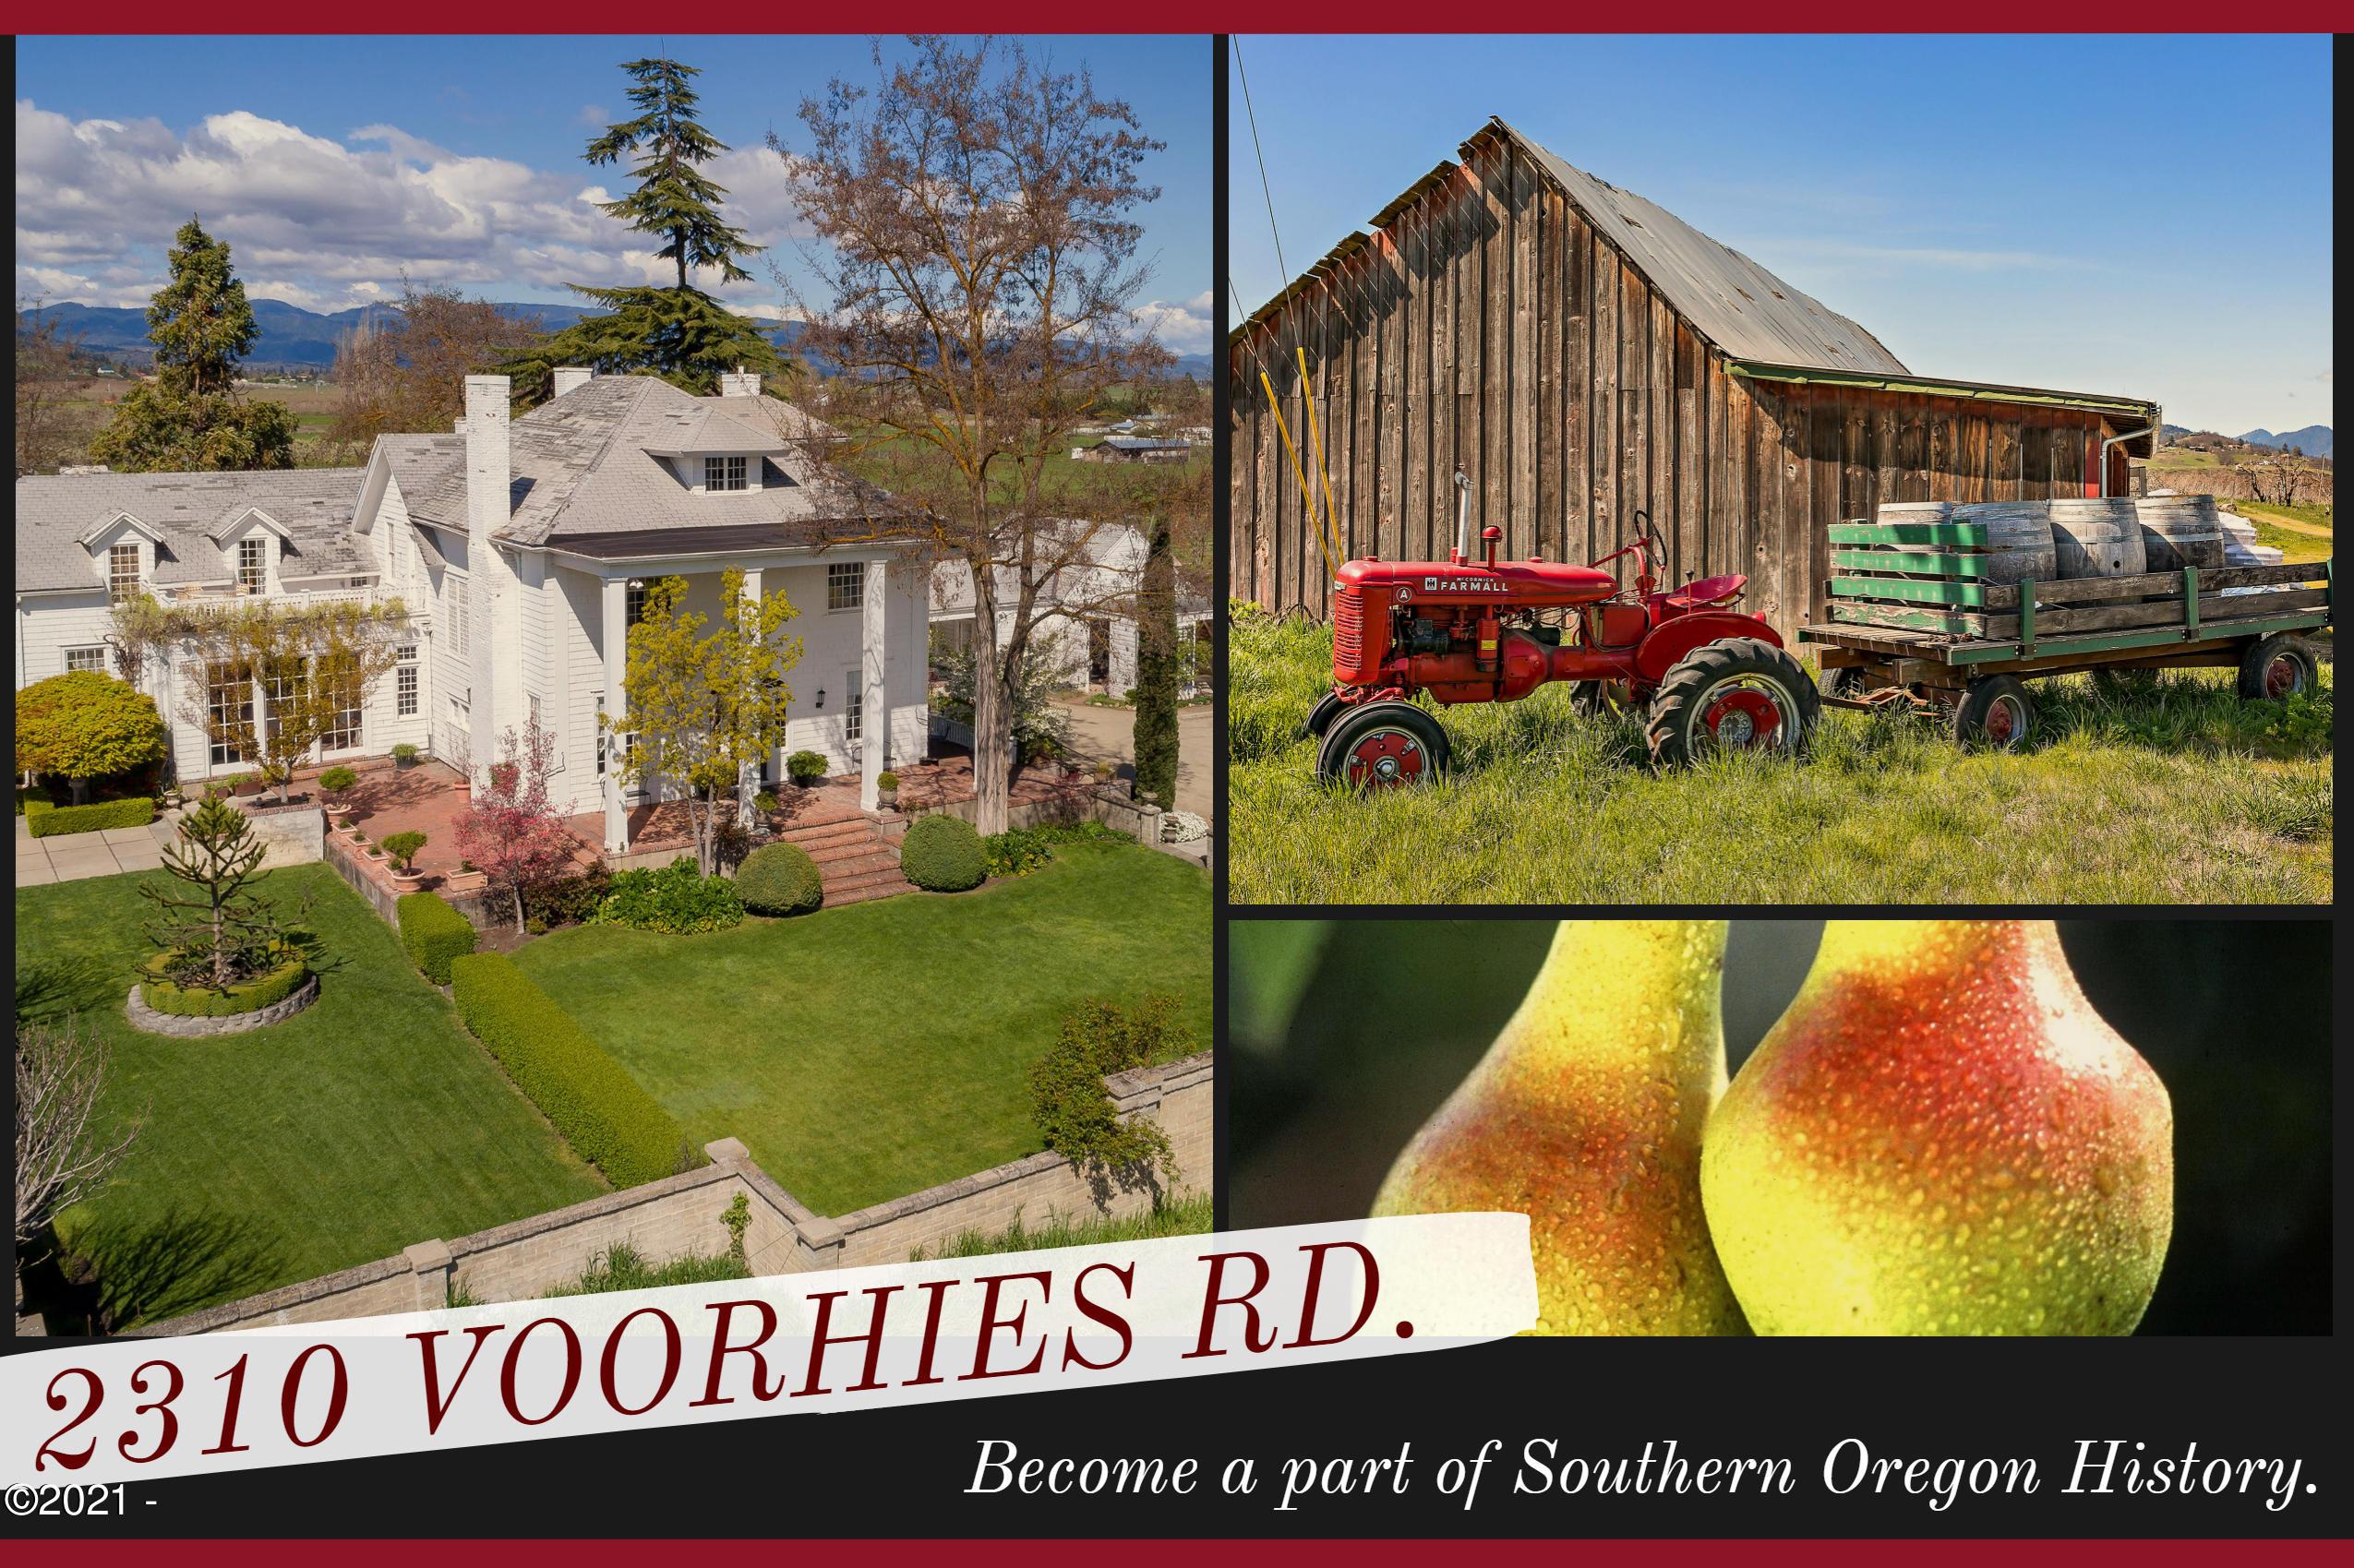 2310 Voorhies Rd, Medford, OR 97501 - 2310 Voorhies Rd cover pic